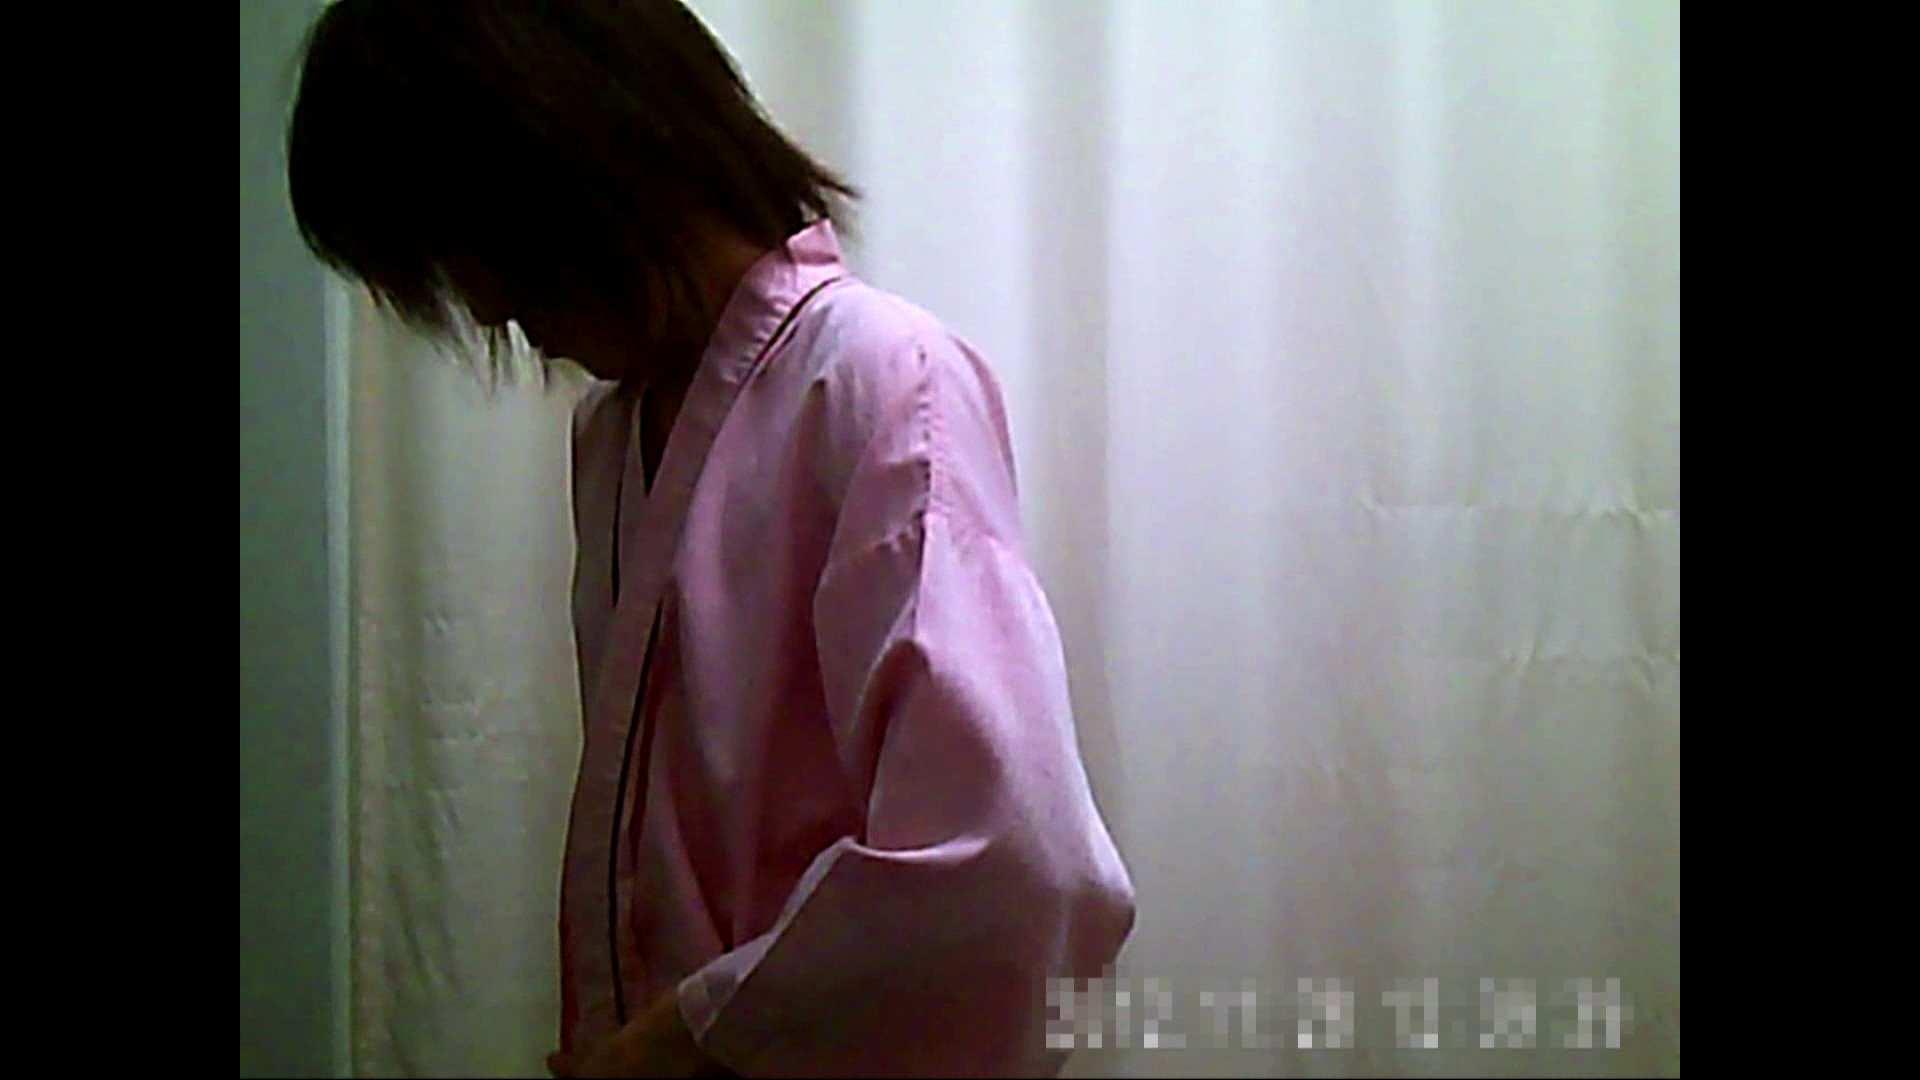 病院おもいっきり着替え! vol.161 巨乳 オメコ無修正動画無料 91pic 6